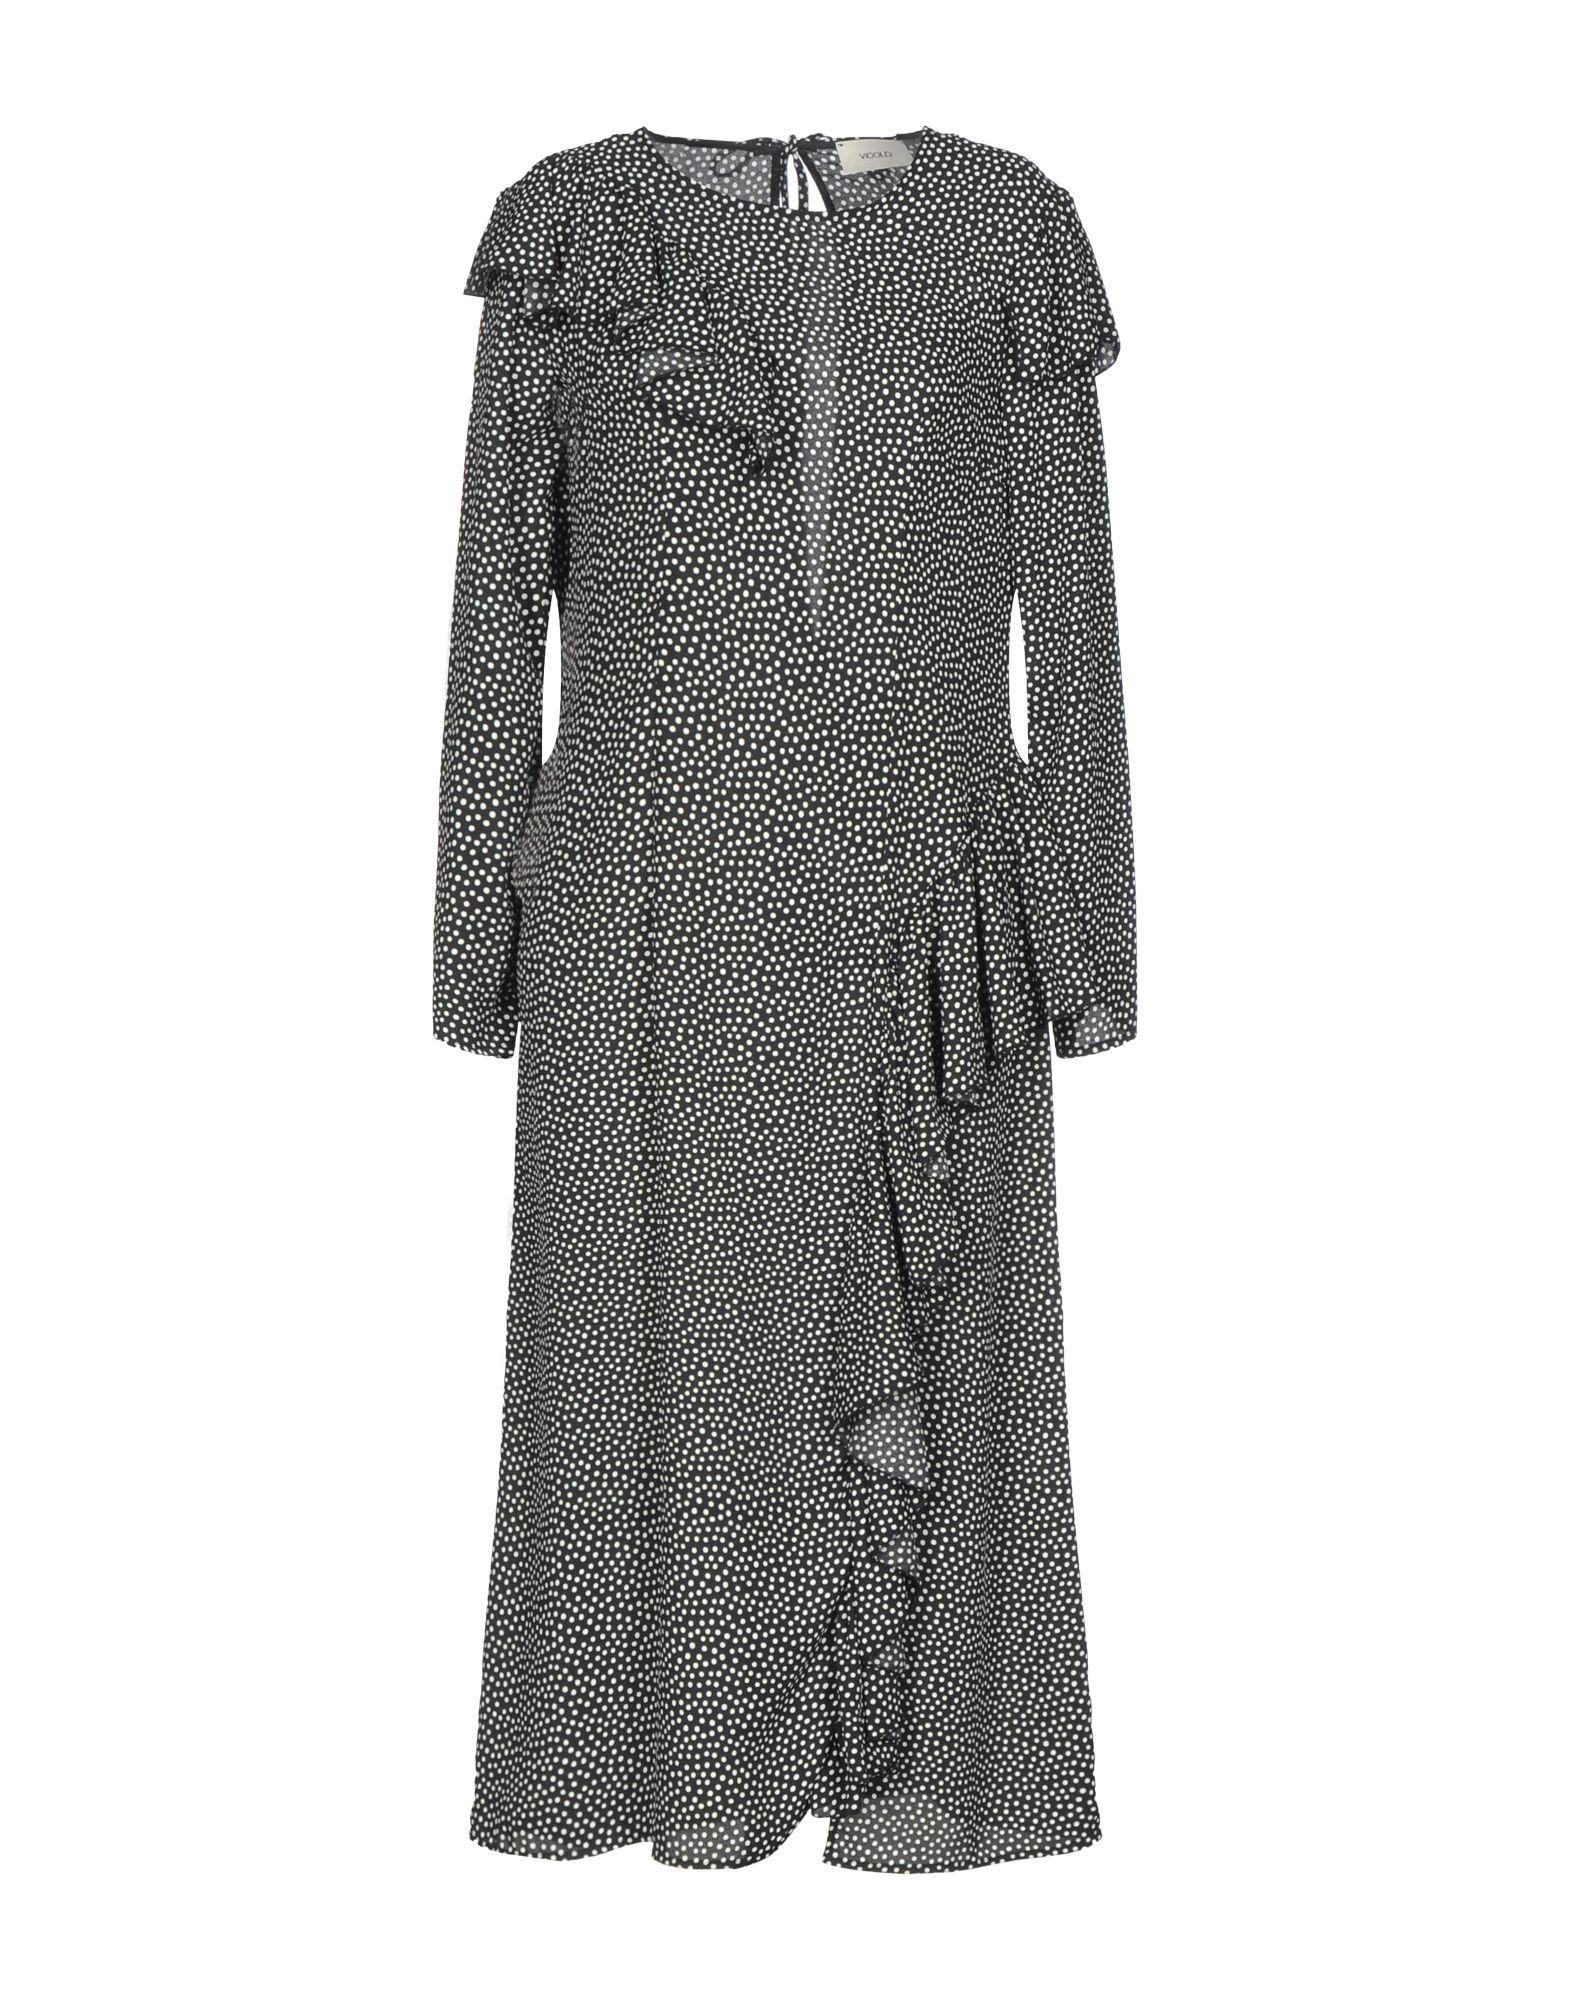 VICOLO Платье длиной 3/4 платье 3 в 1